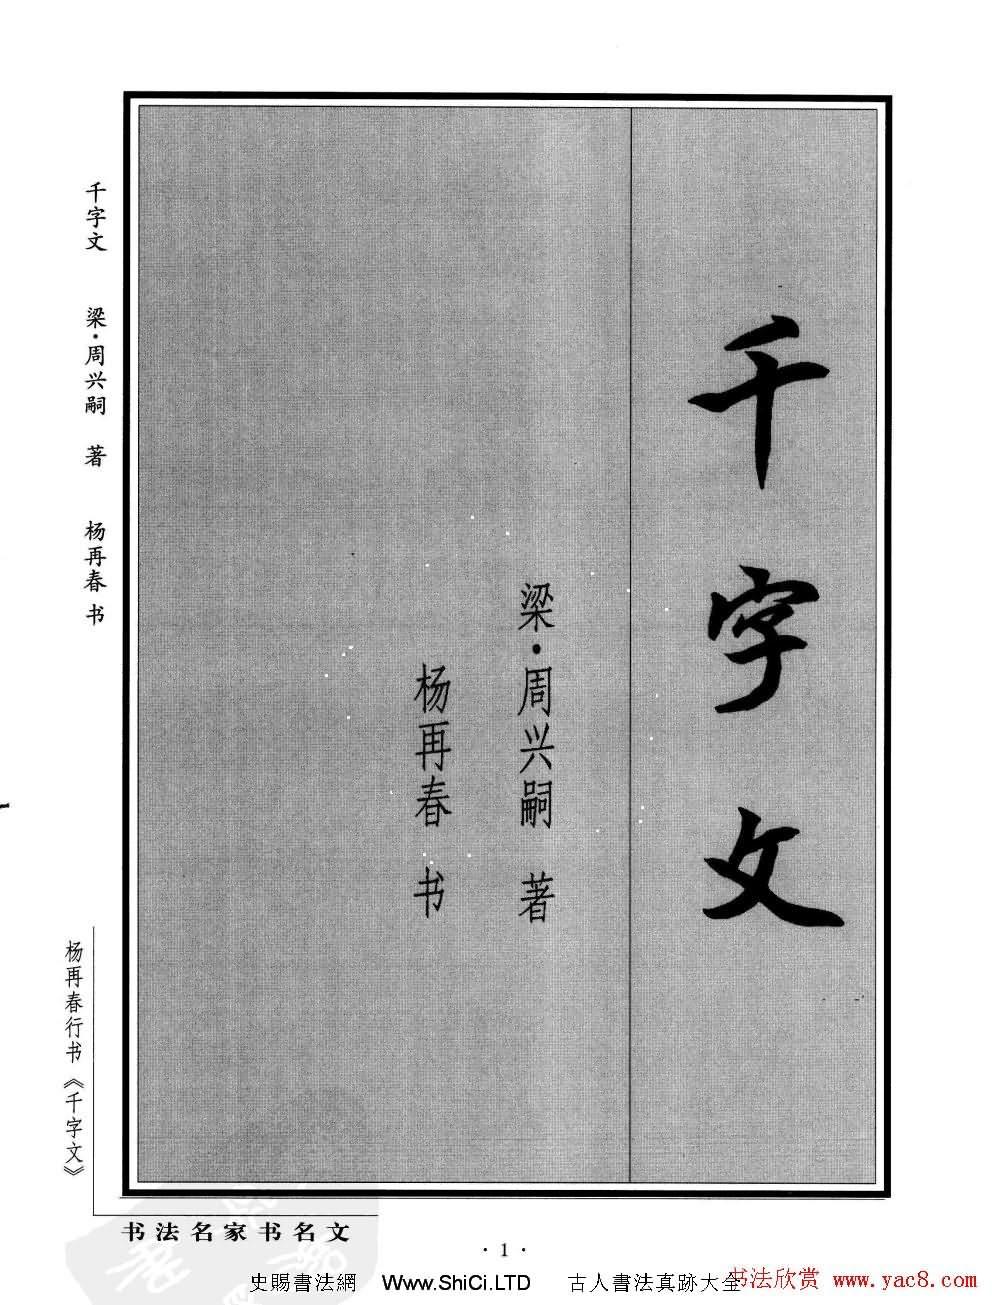 楊再春行書字帖真跡欣賞《千字文》(共37張圖片)